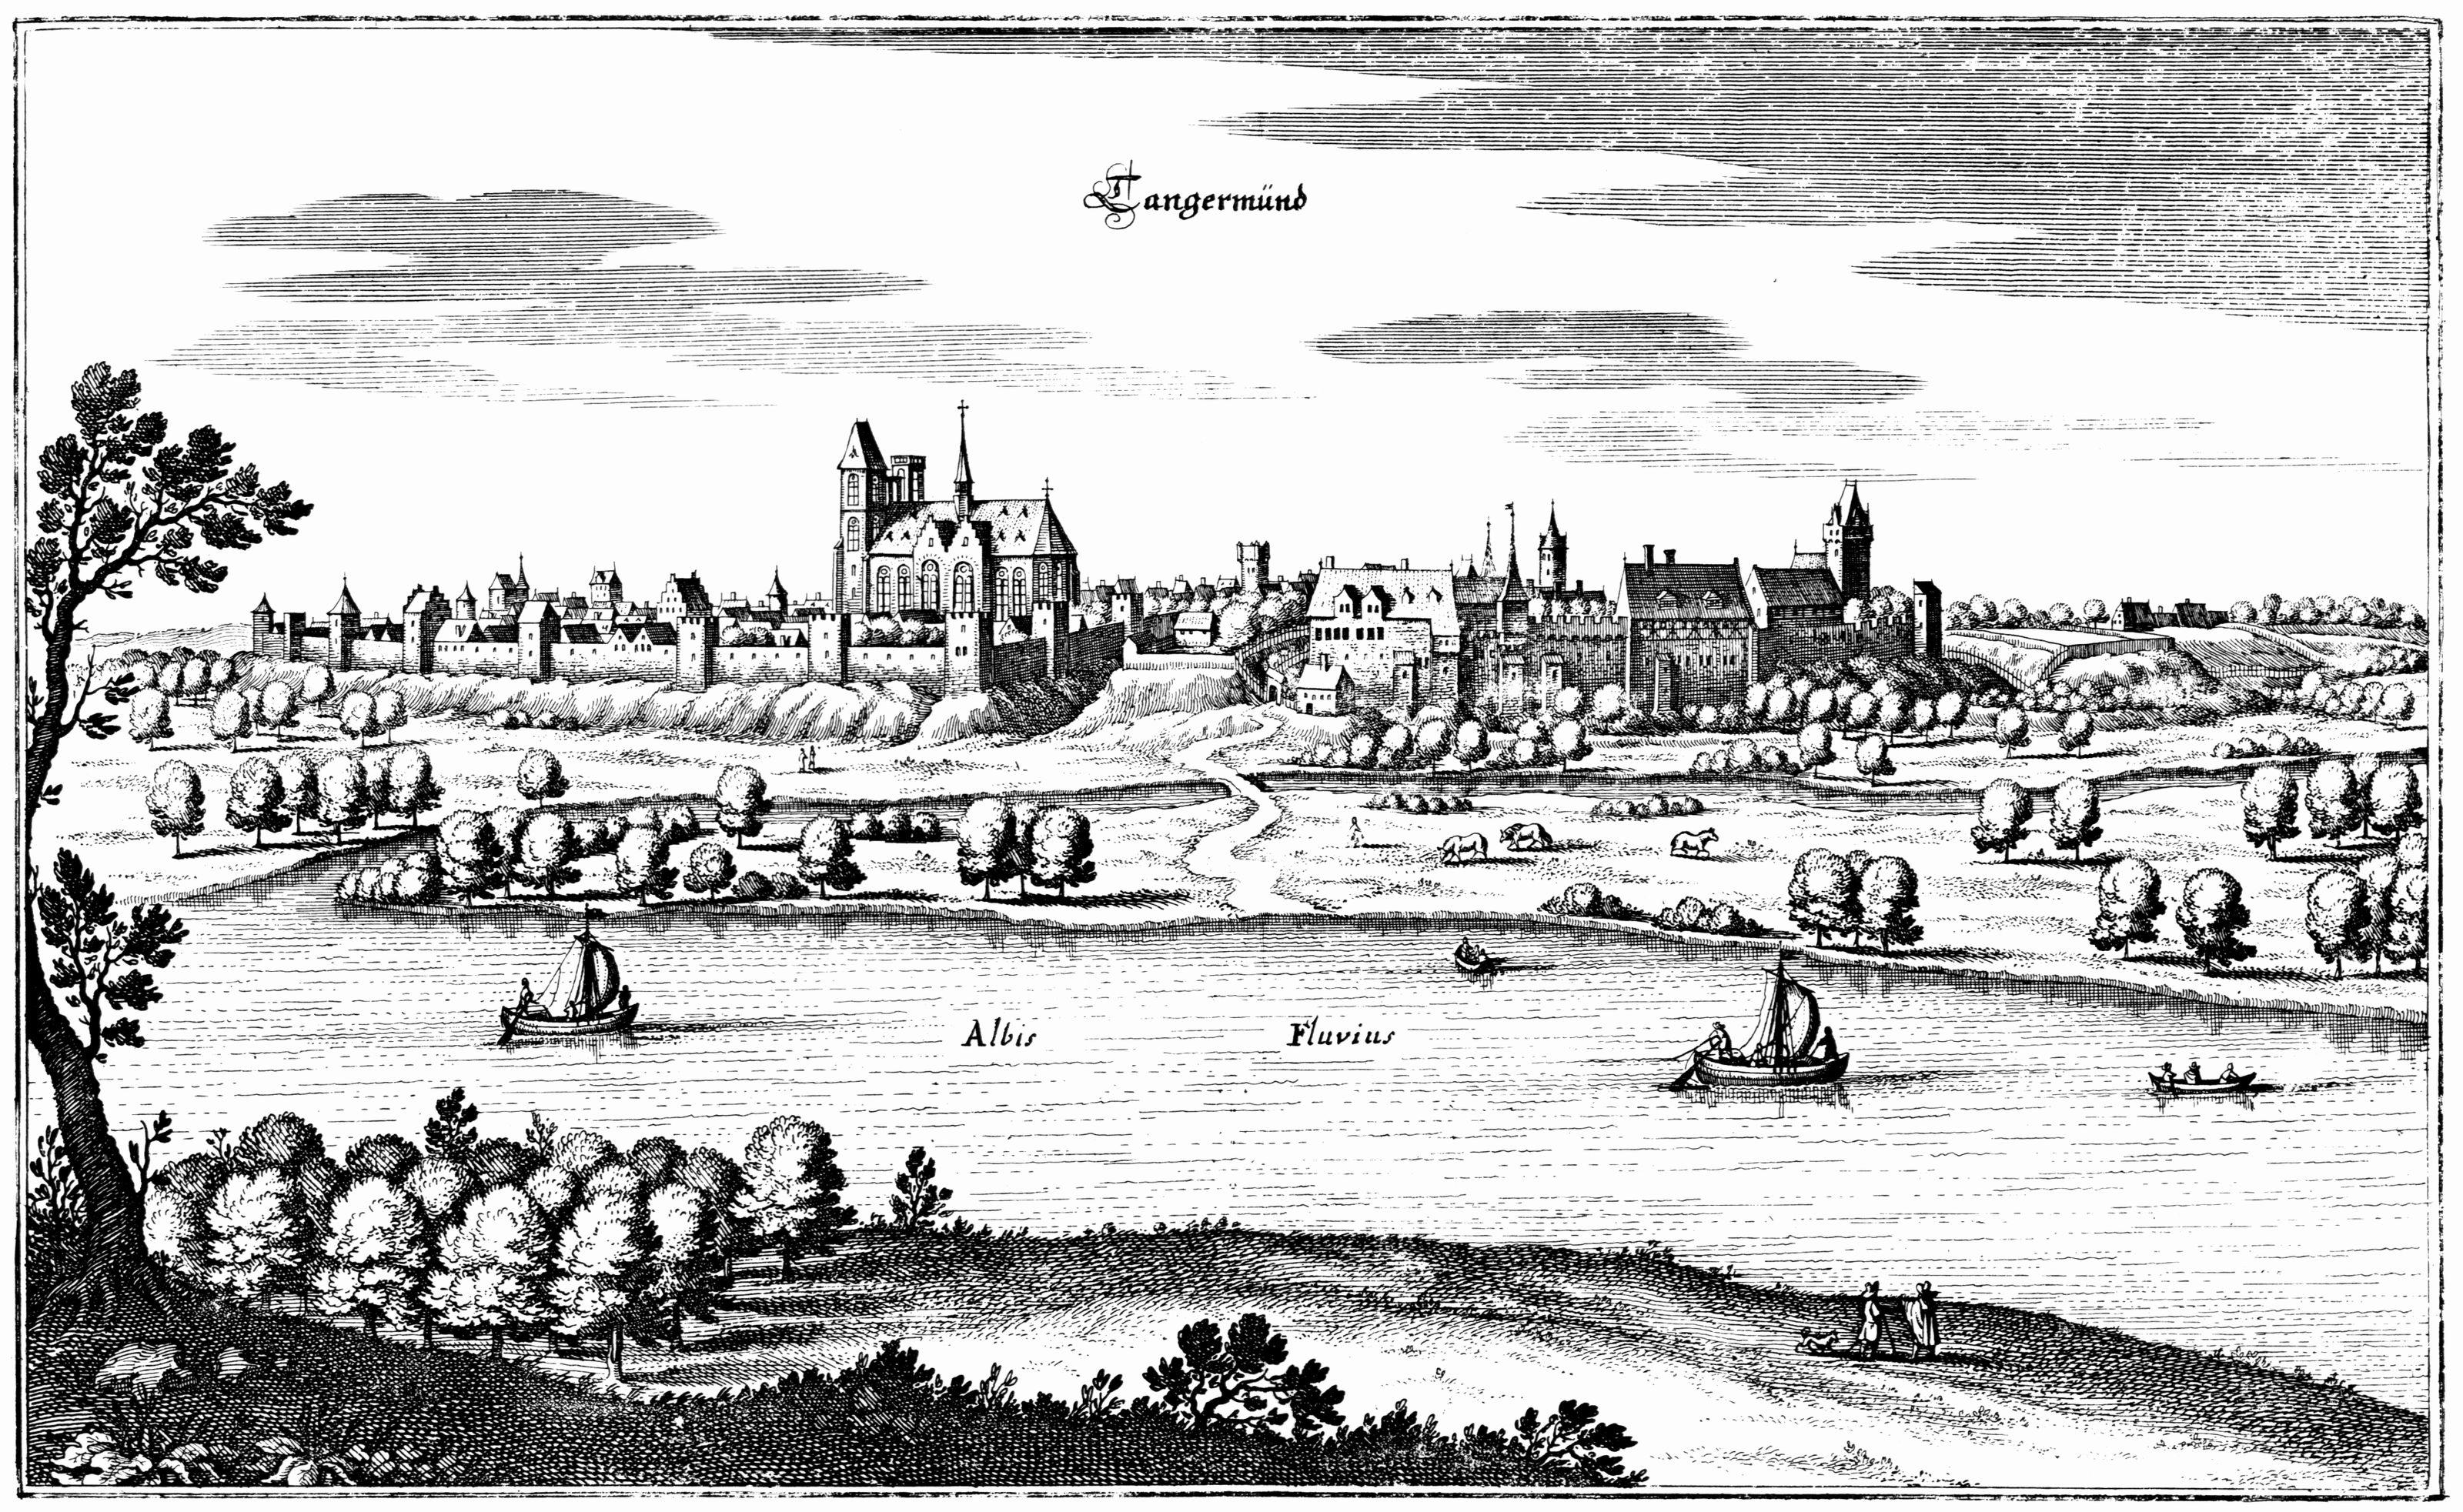 File:Tangermuende-1652-Merian.jpg